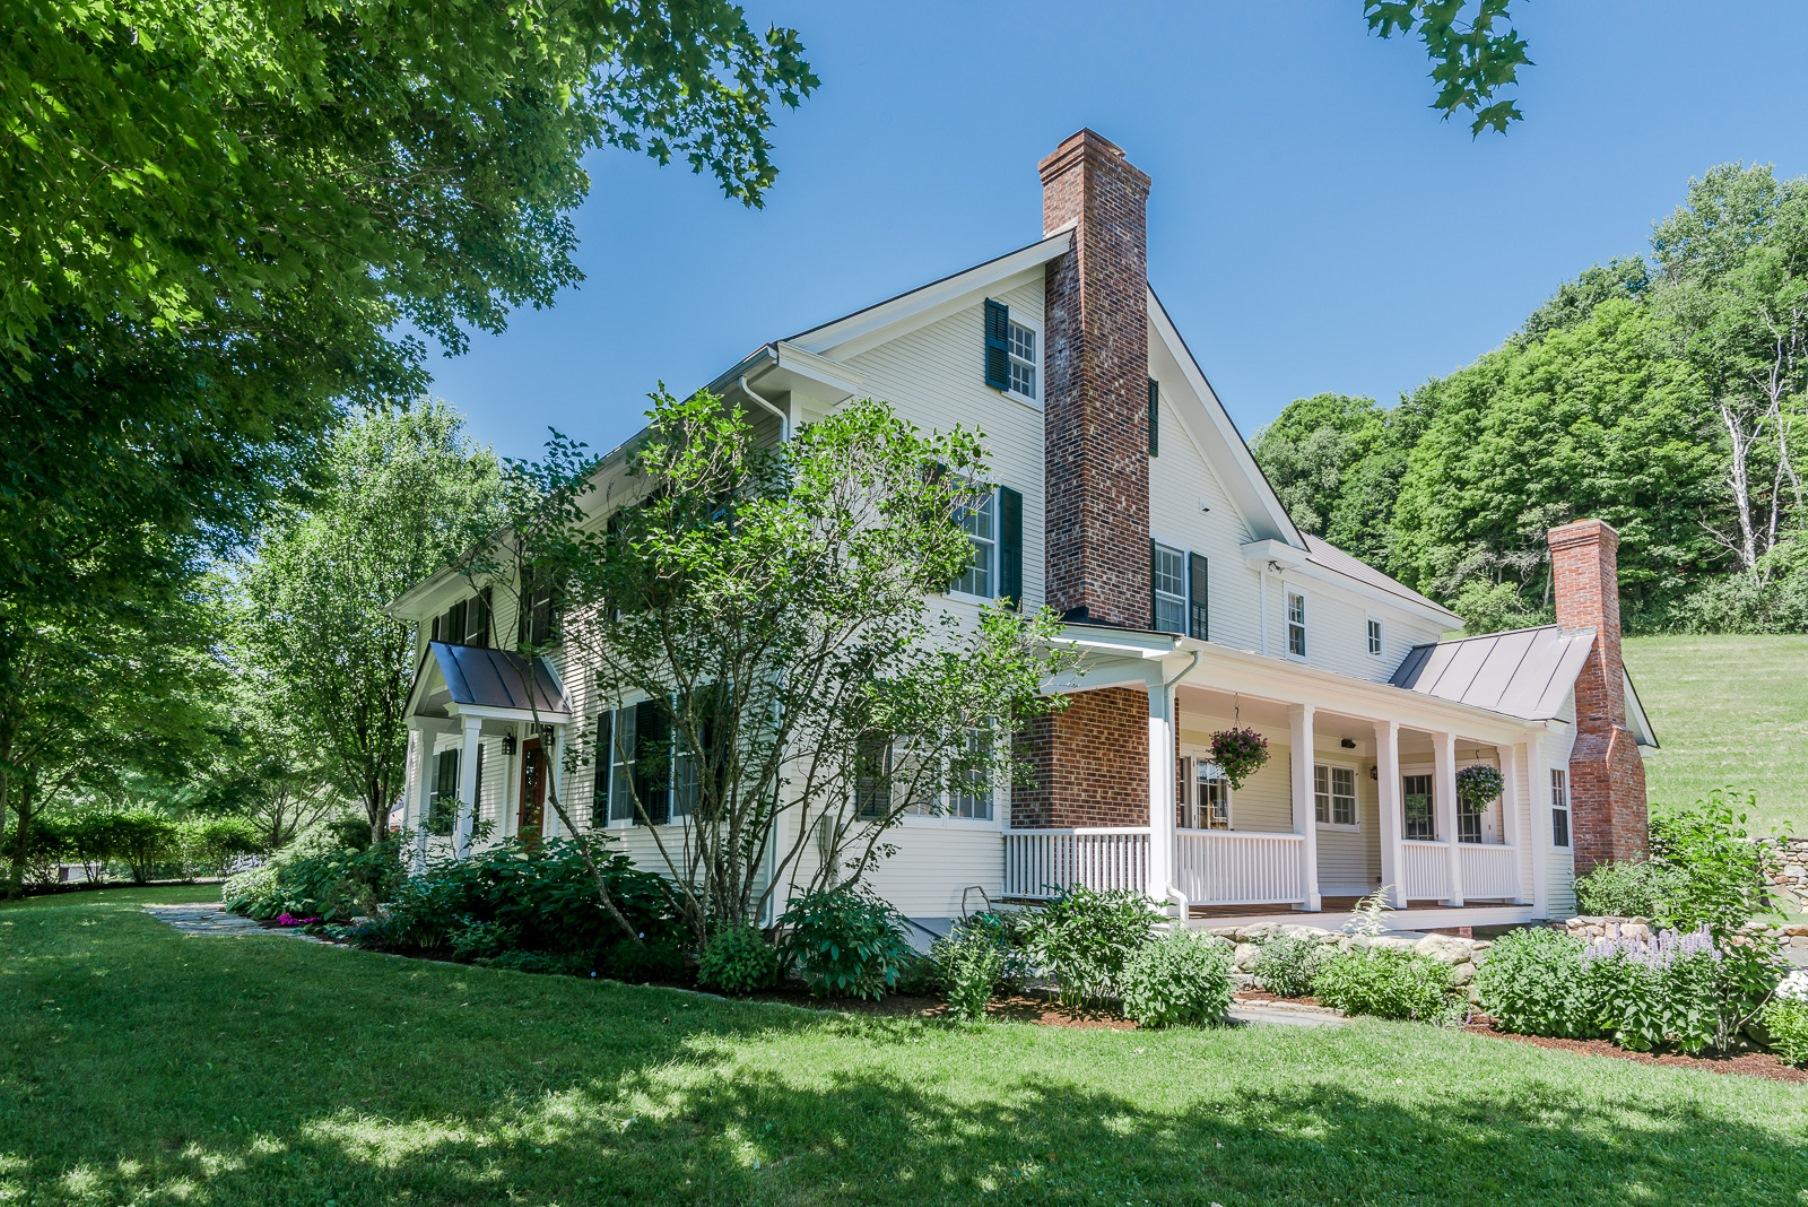 Maison unifamiliale pour l Vente à 1285 Union Village Rd, Norwich Norwich, Vermont, 05055 États-Unis